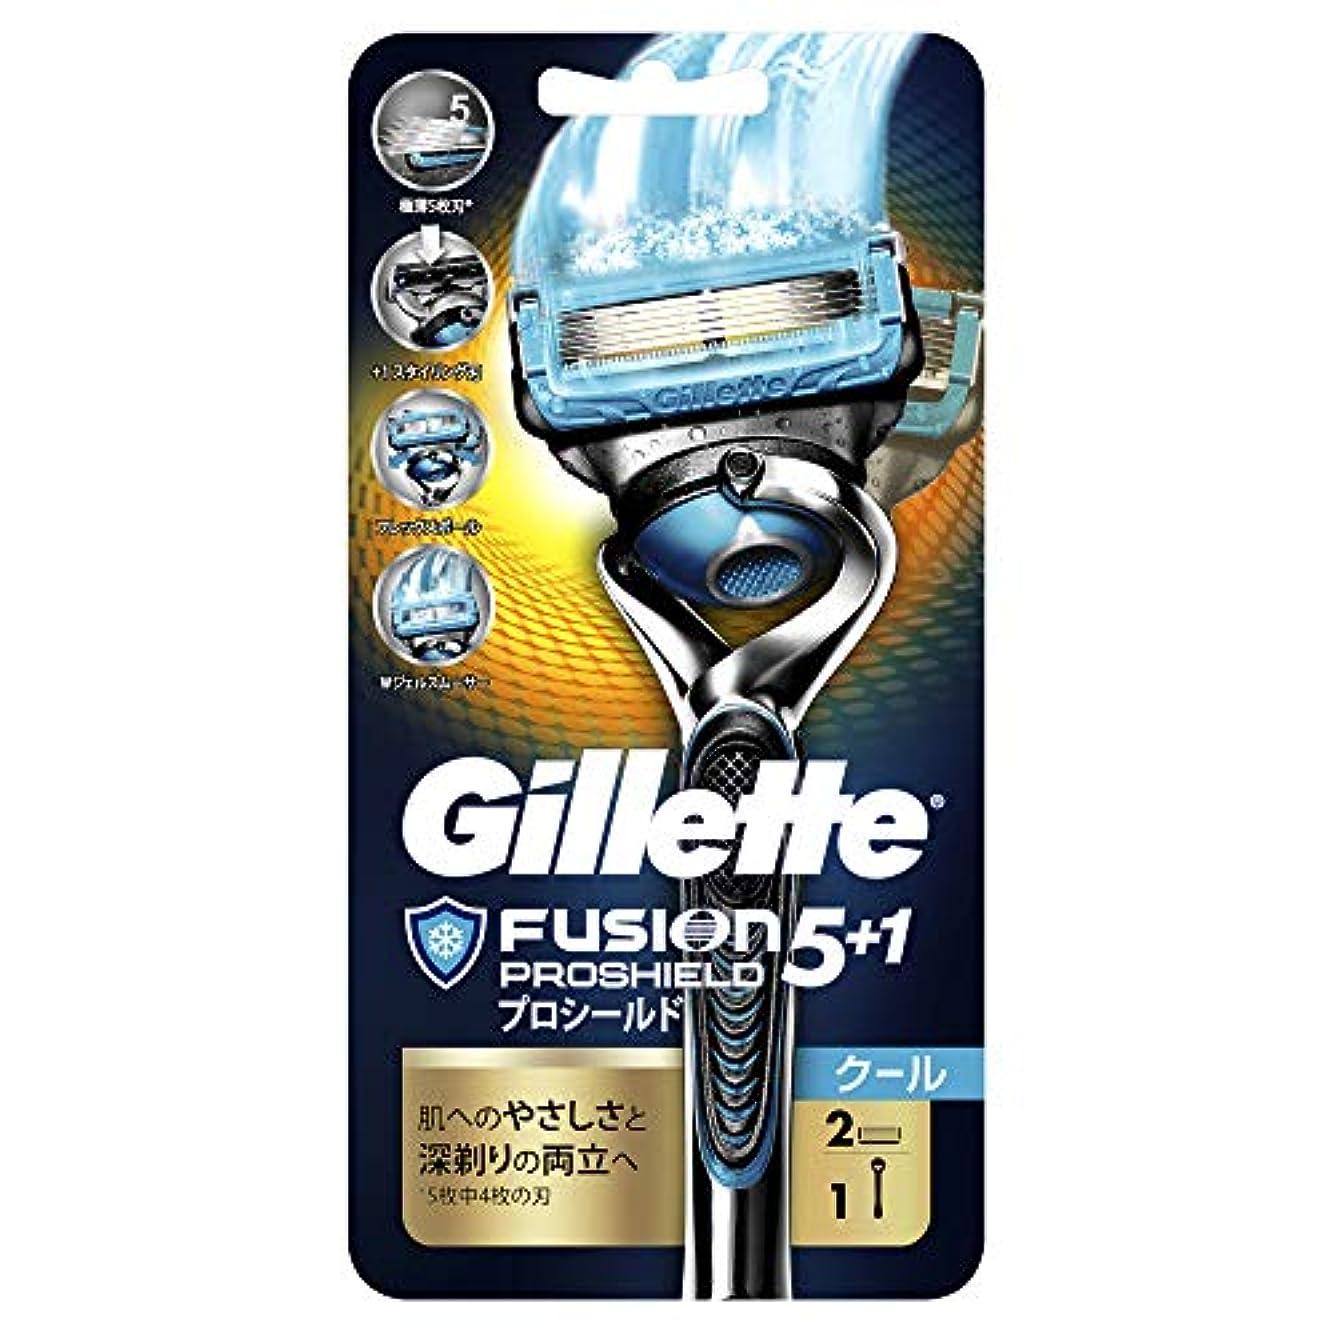 ごちそう思春期かすれたジレット 髭剃り フュージョン5+1 プロシールド クール 本体 替刃1個付